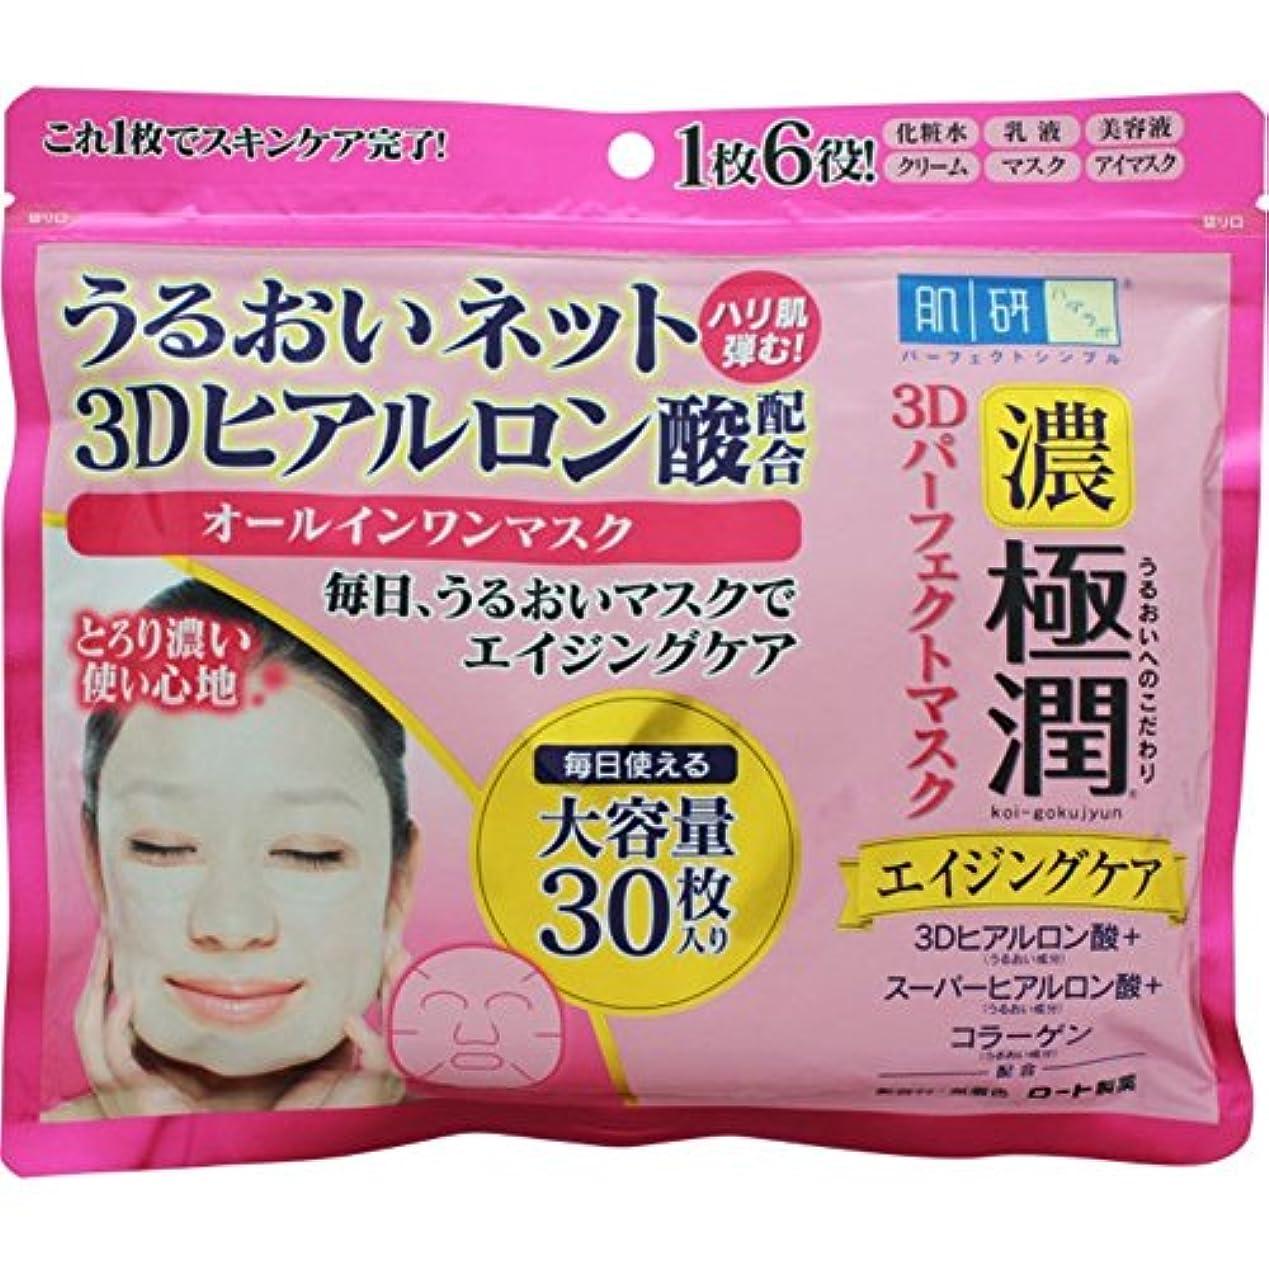 シンプルさ寛解繁栄する肌研(ハダラボ) 極潤 3Dパーフェクトマスク 30枚 (350mL)